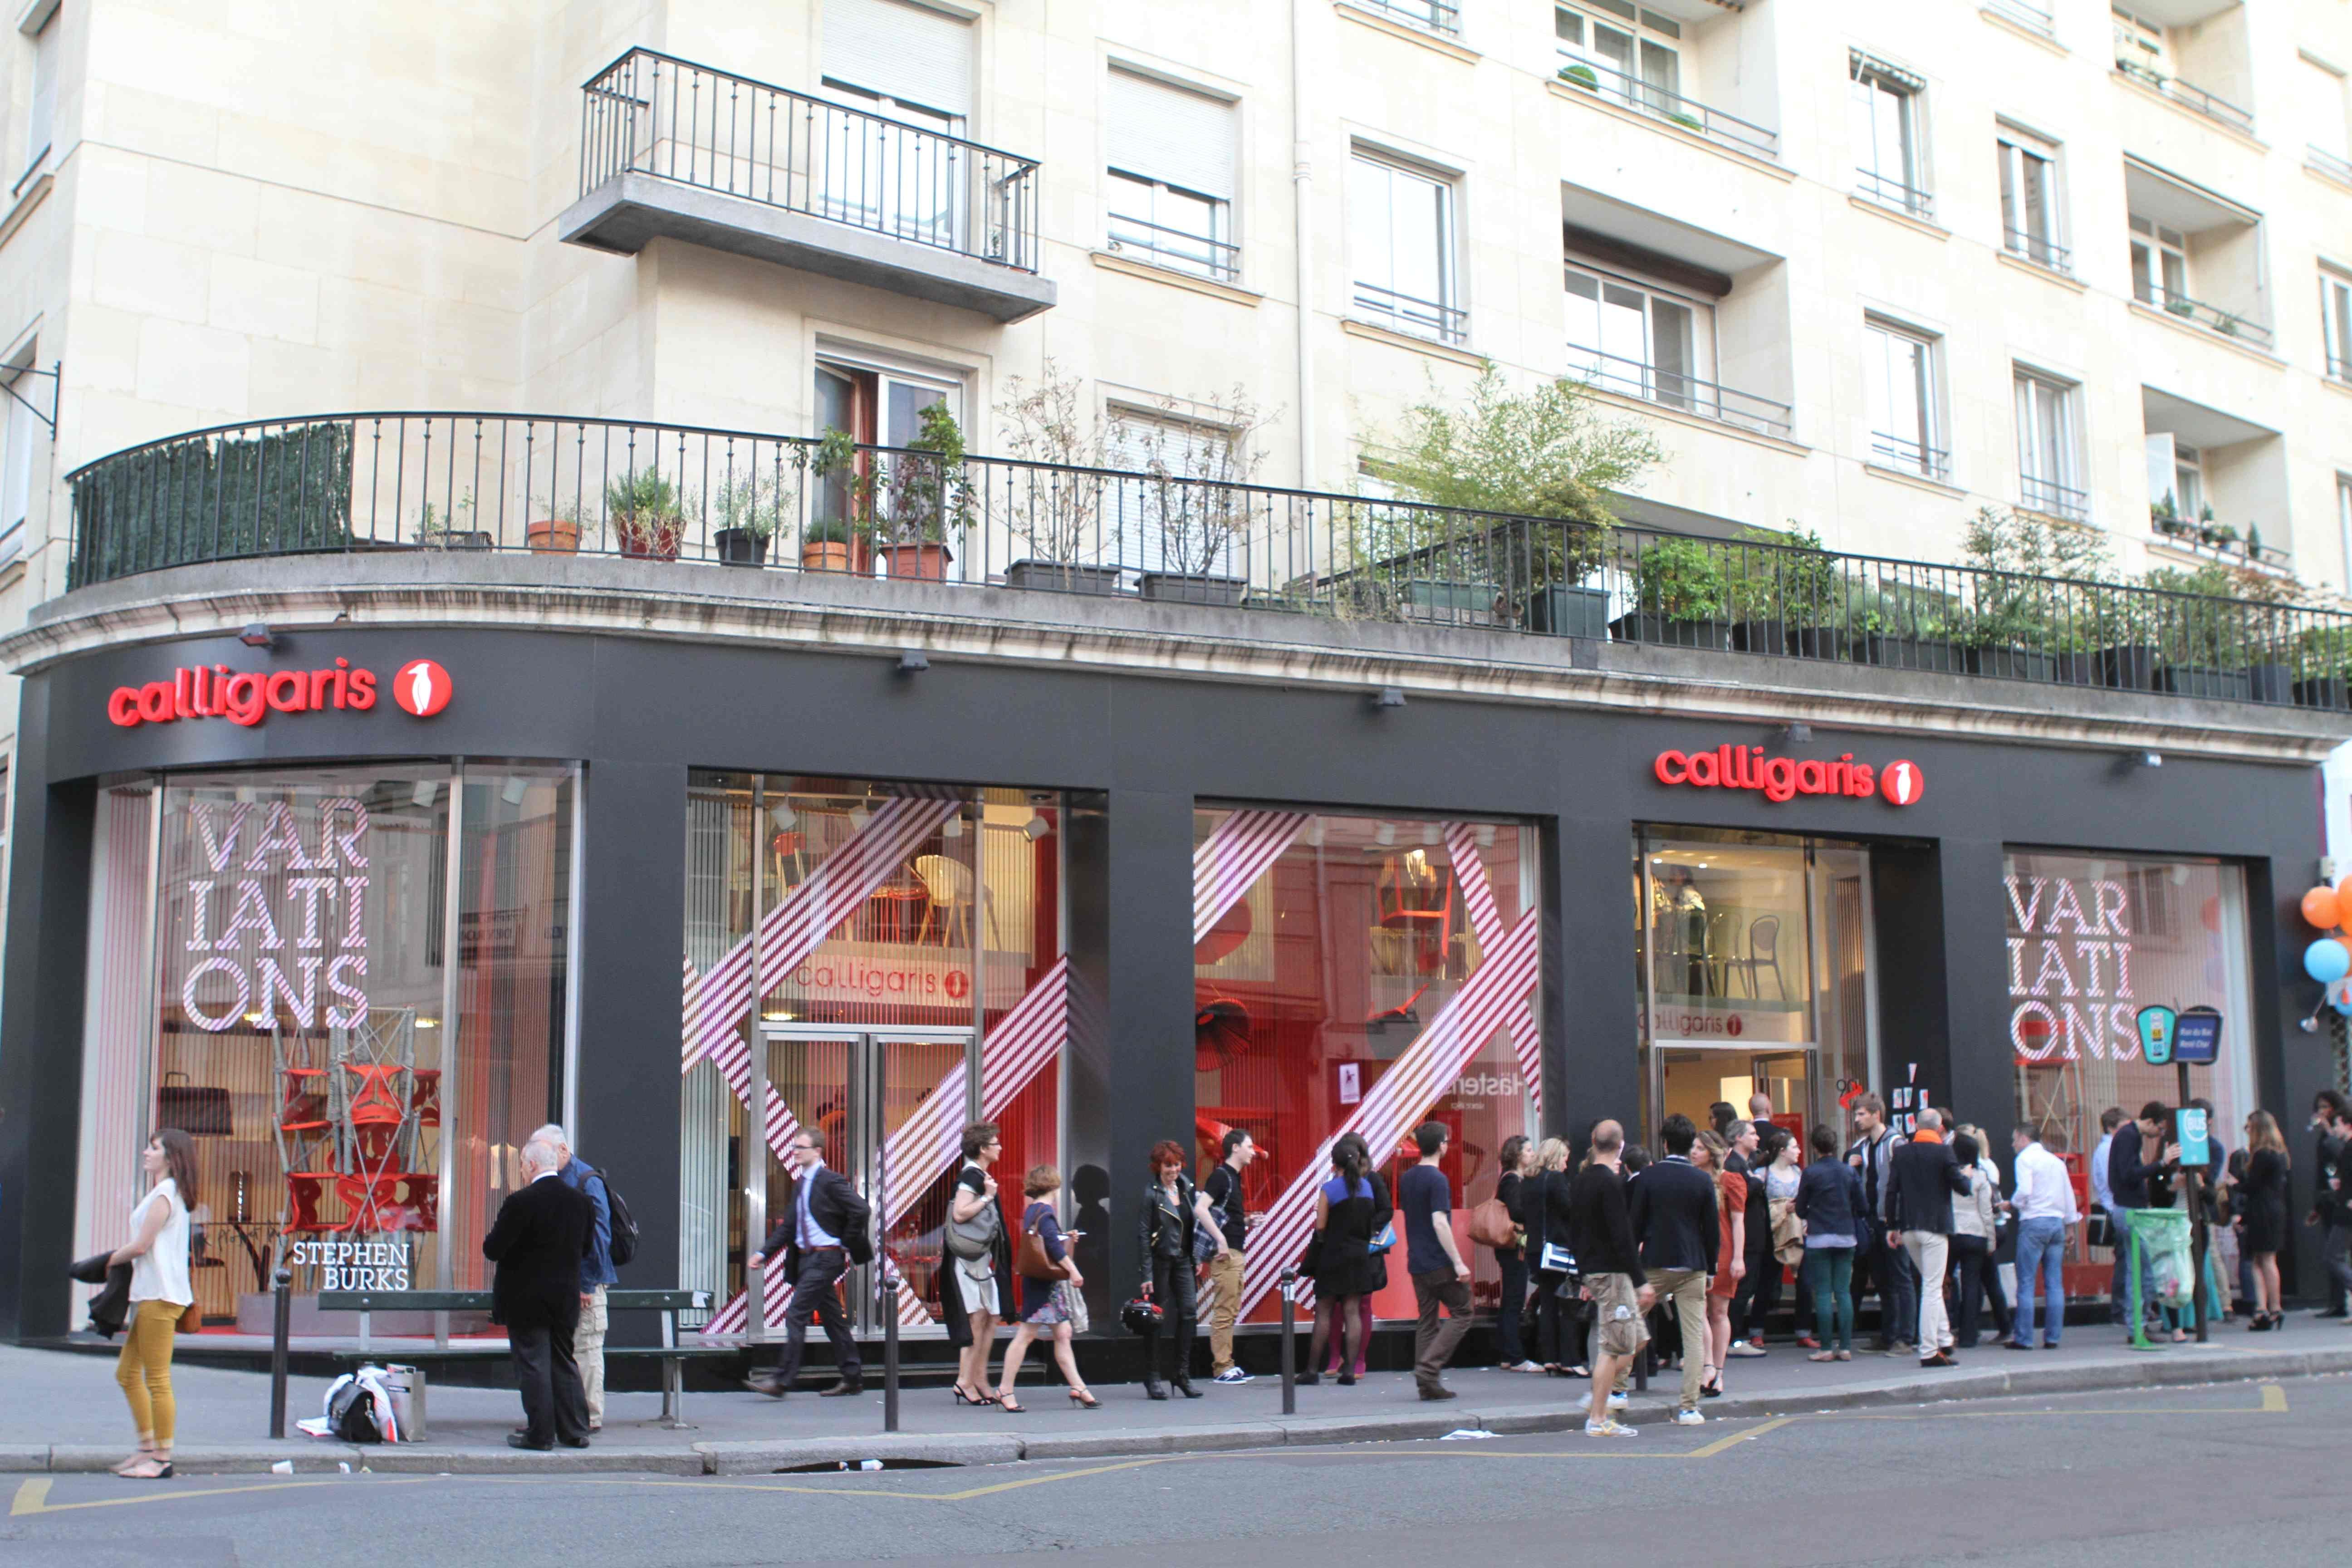 Calligaris1923 Ddays2013 Stephenburks Rue Rue Du Bac